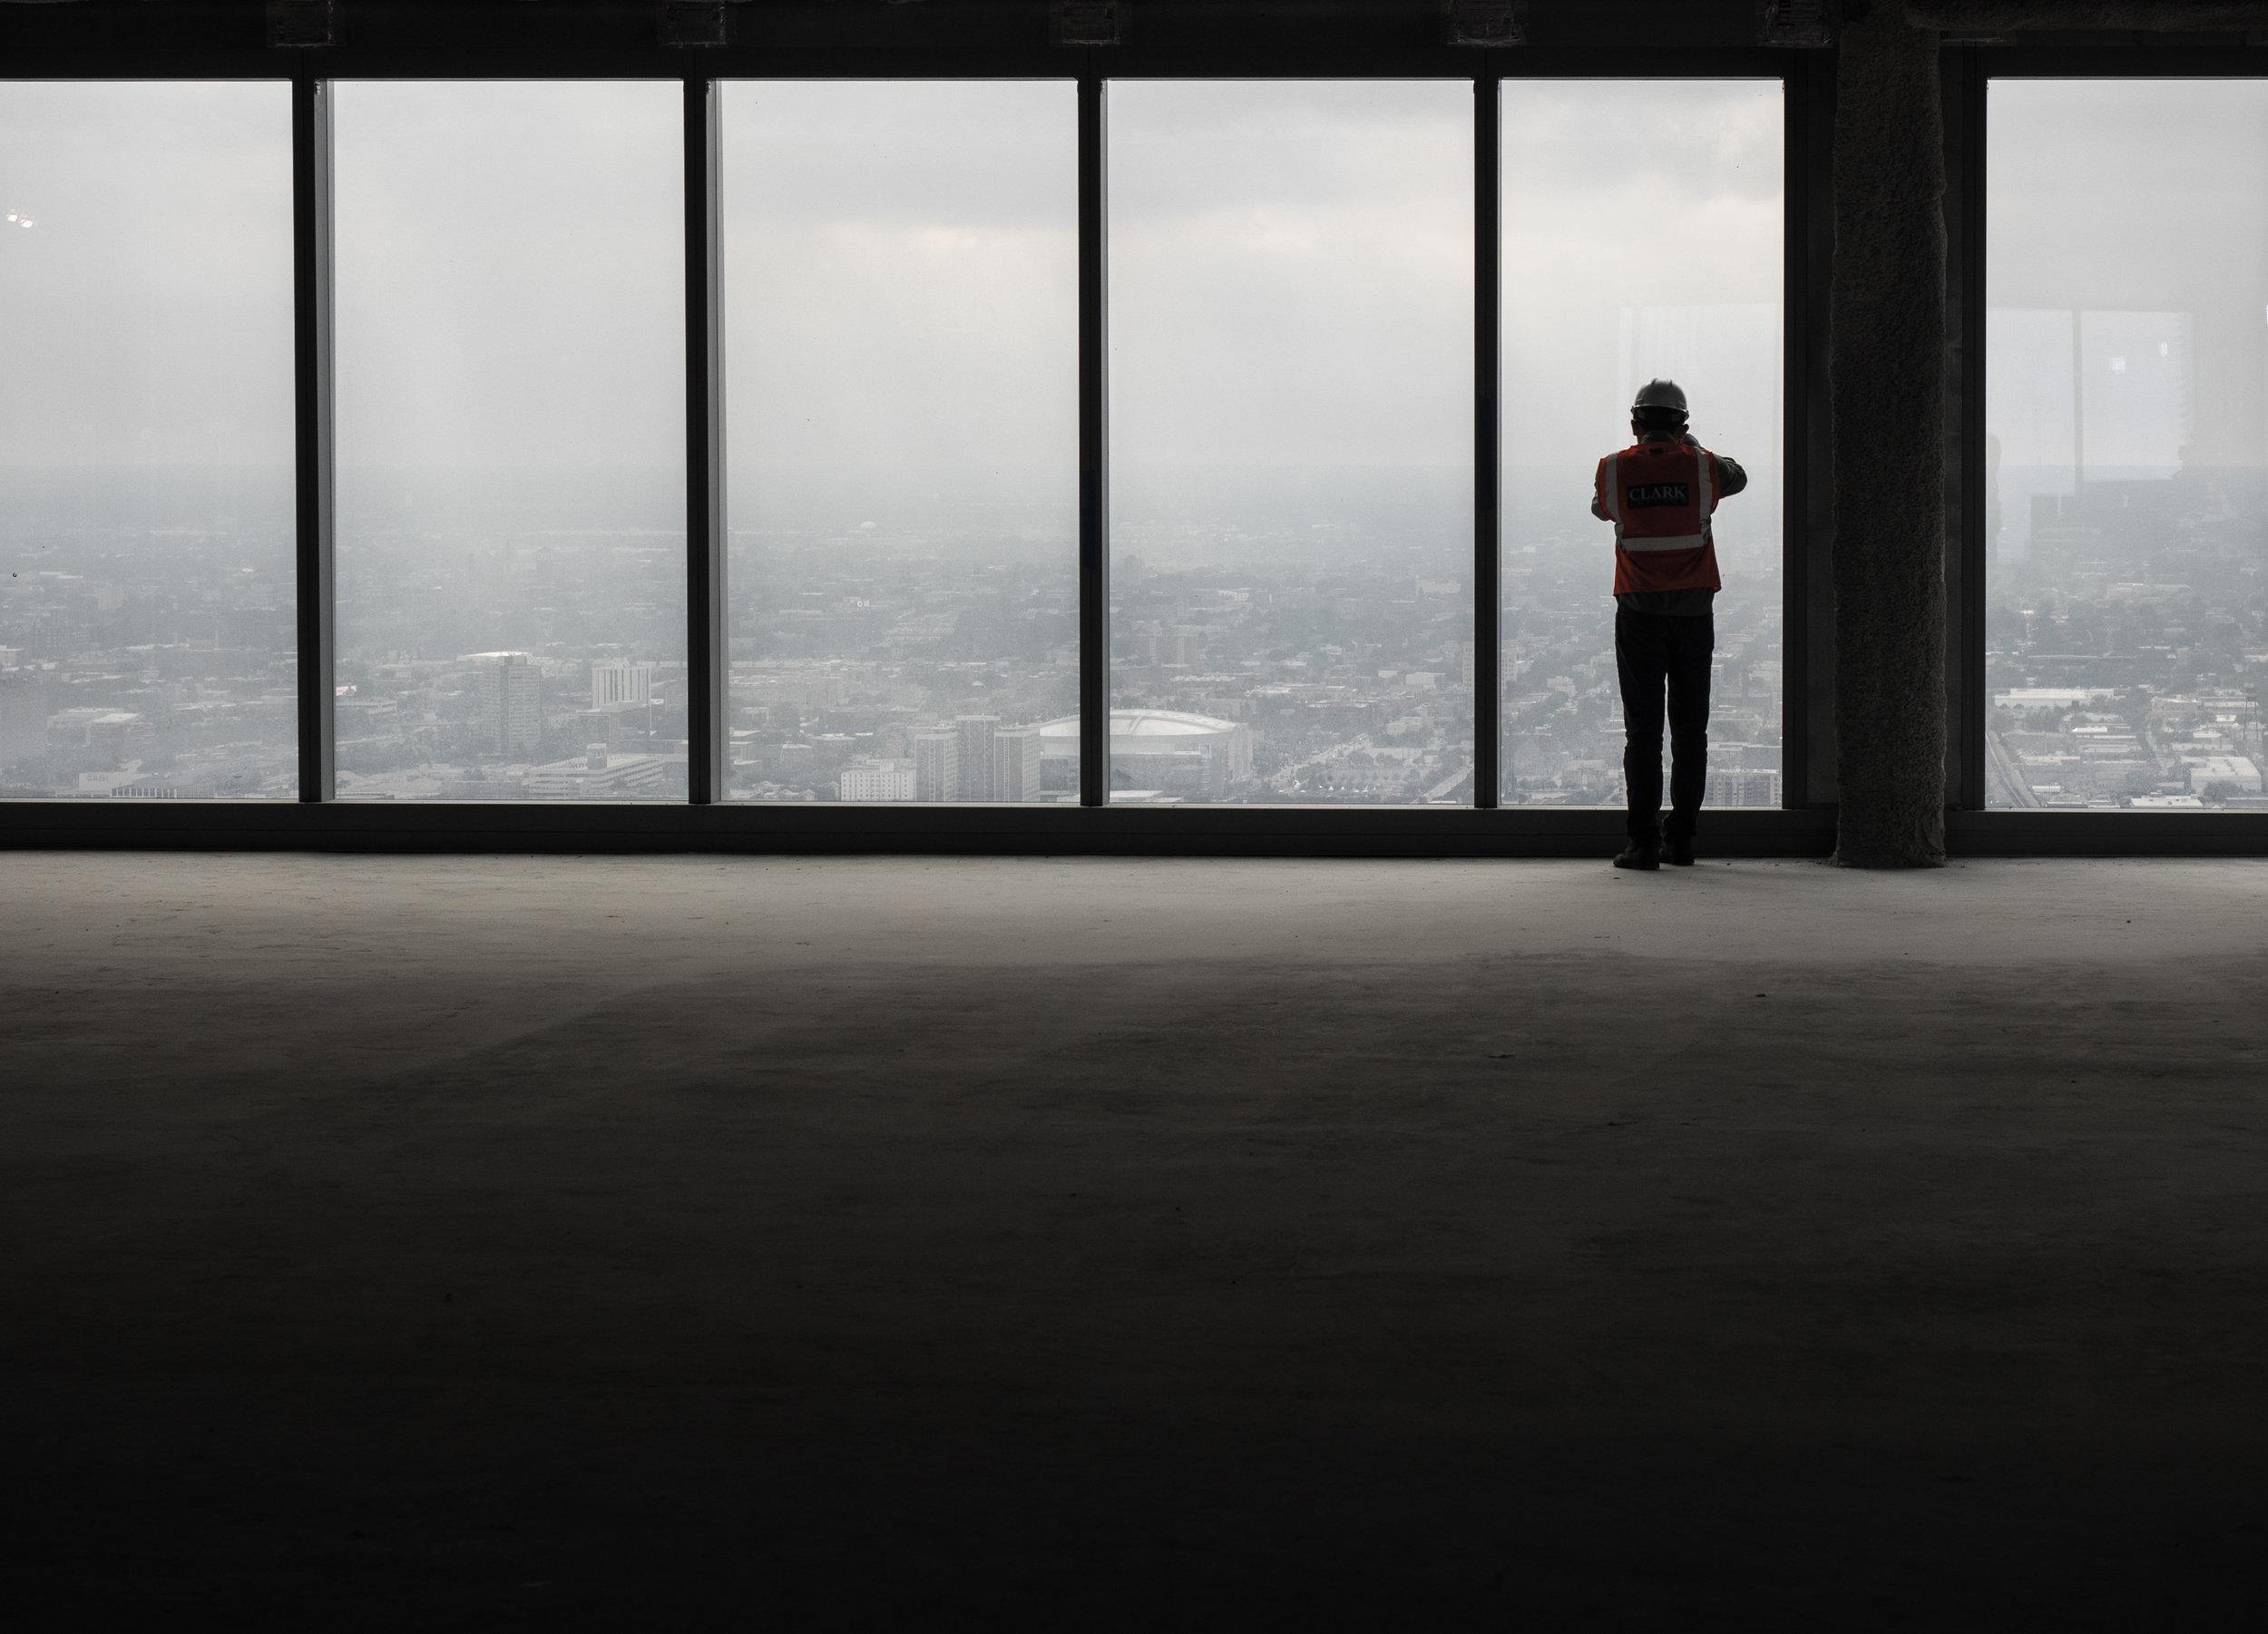 Empty floors